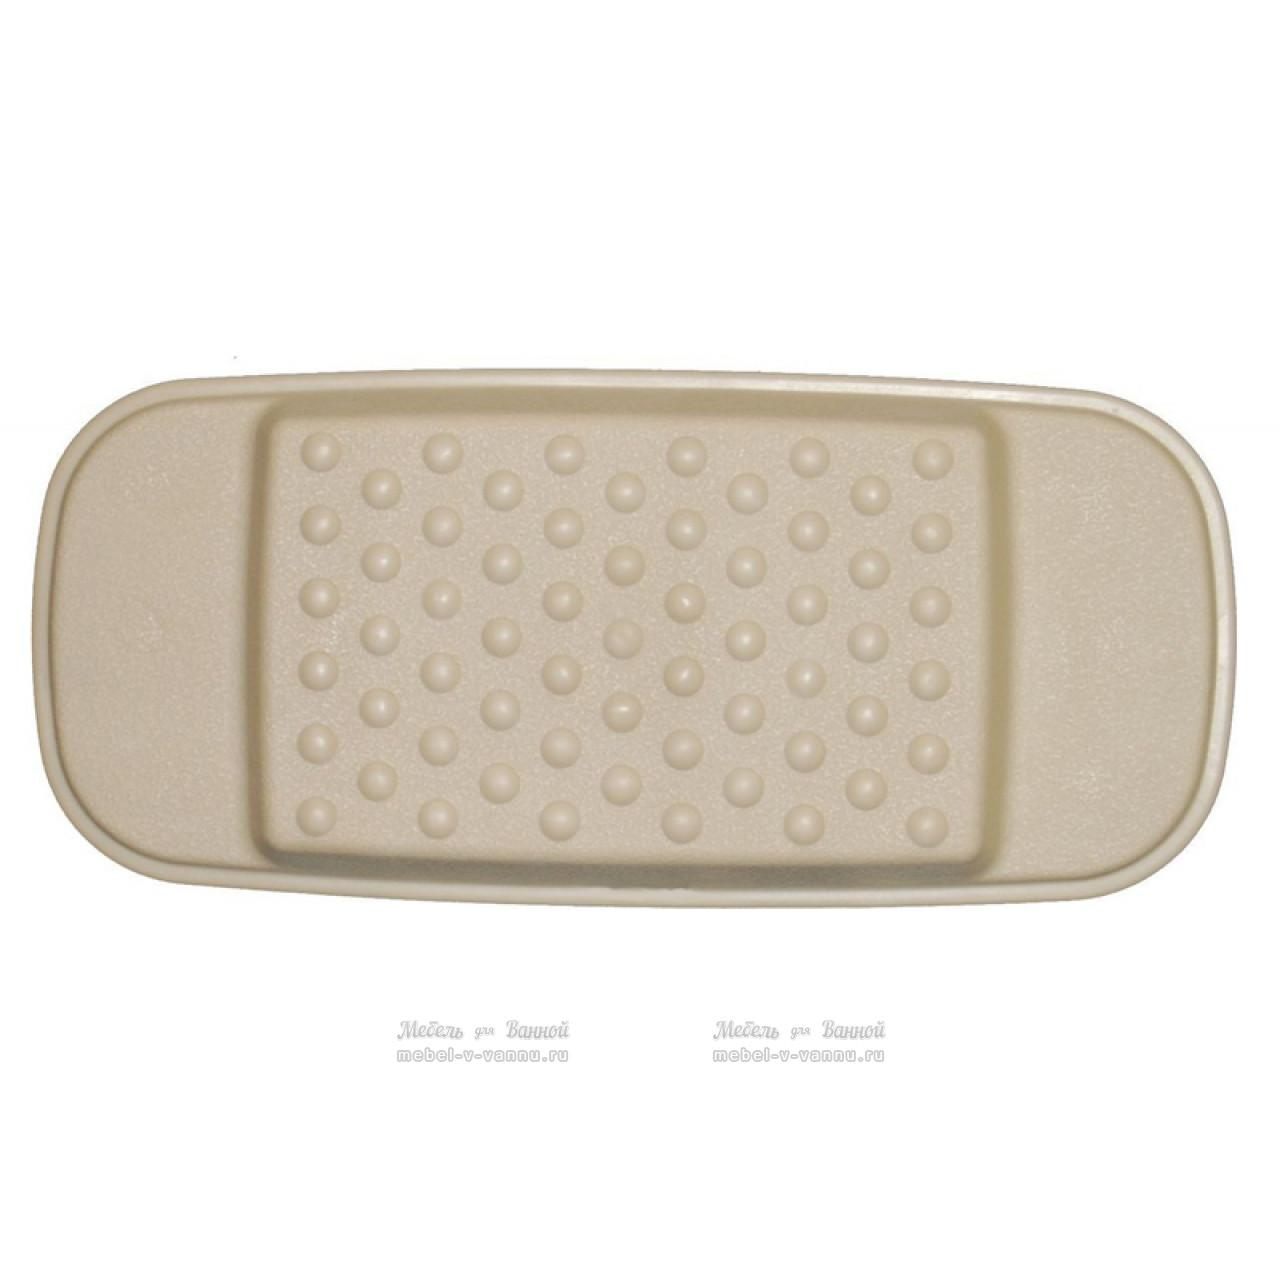 Подголовники для ванны Ridder 608609 бежевый, Aqm купить в Москве по цене от 456р. в интернет-магазине mebel-v-vannu.ru